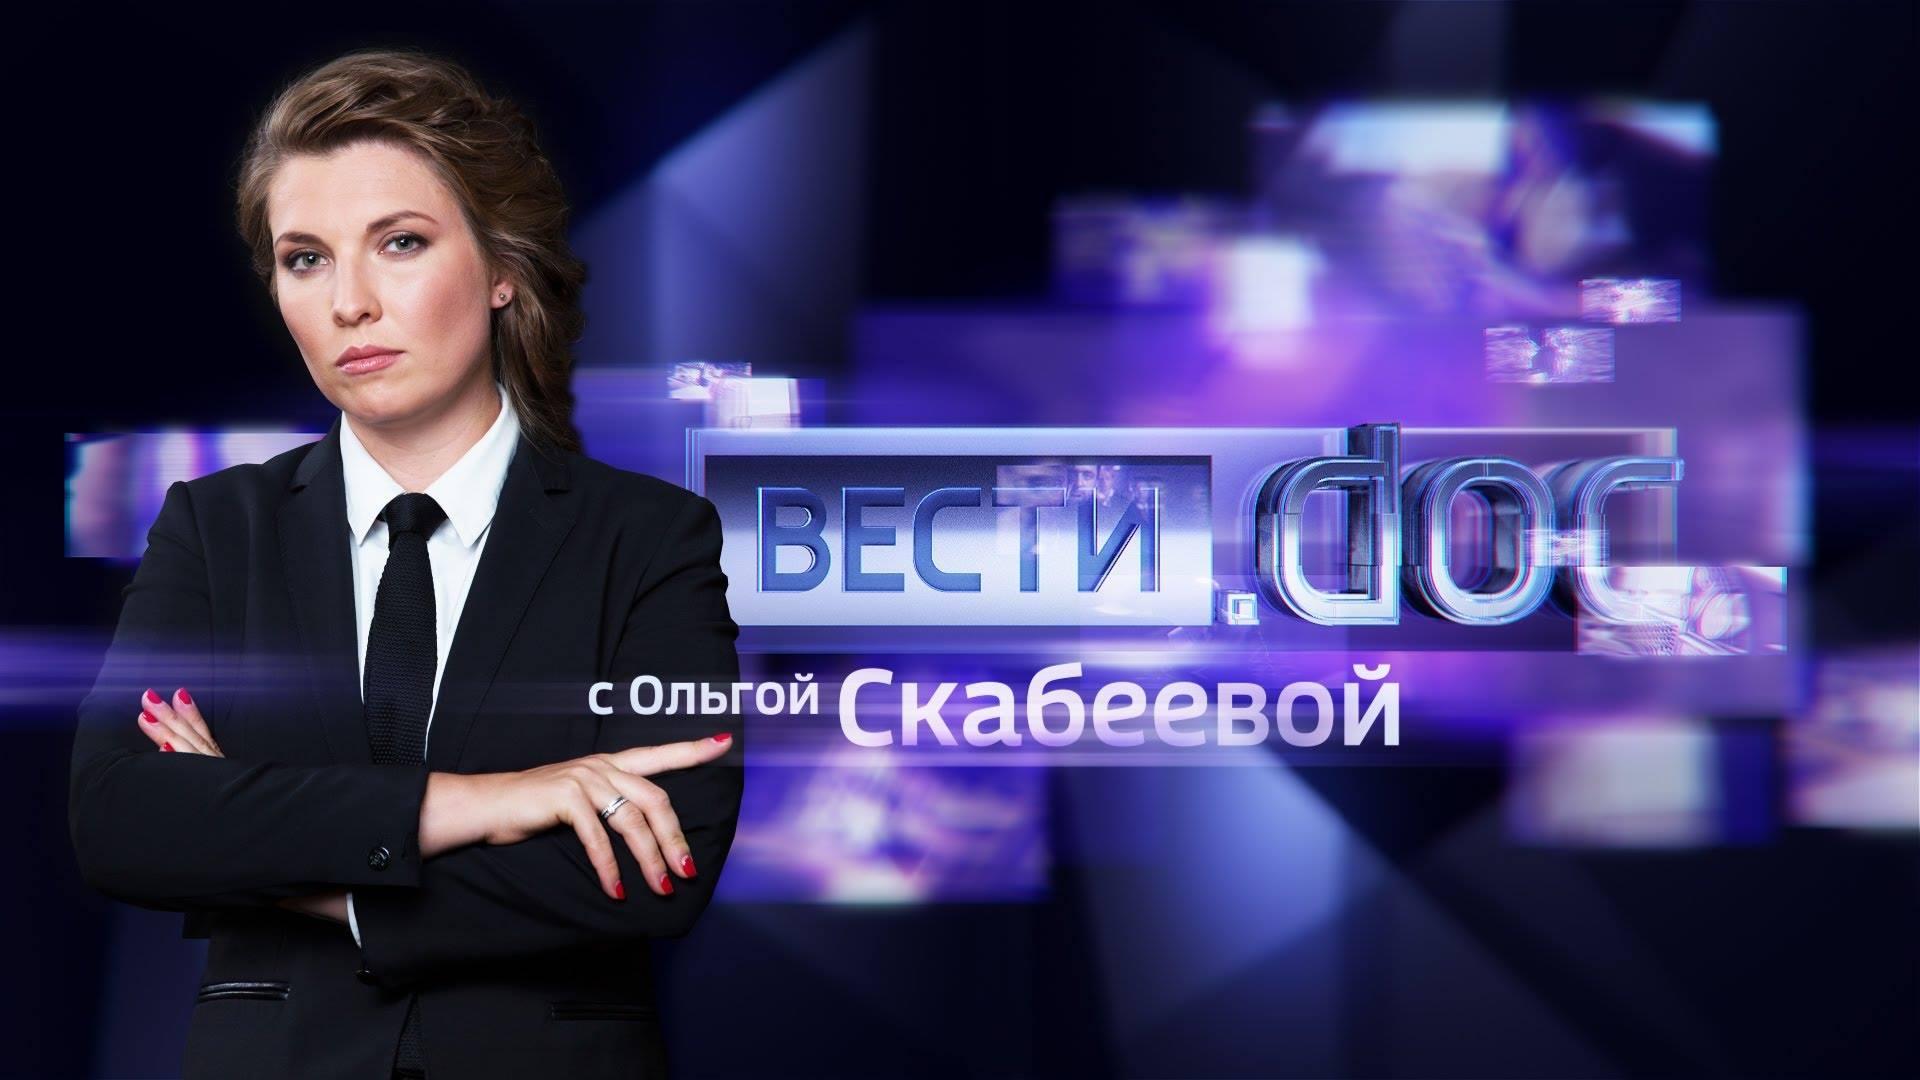 ольга скабеева Вести.doc